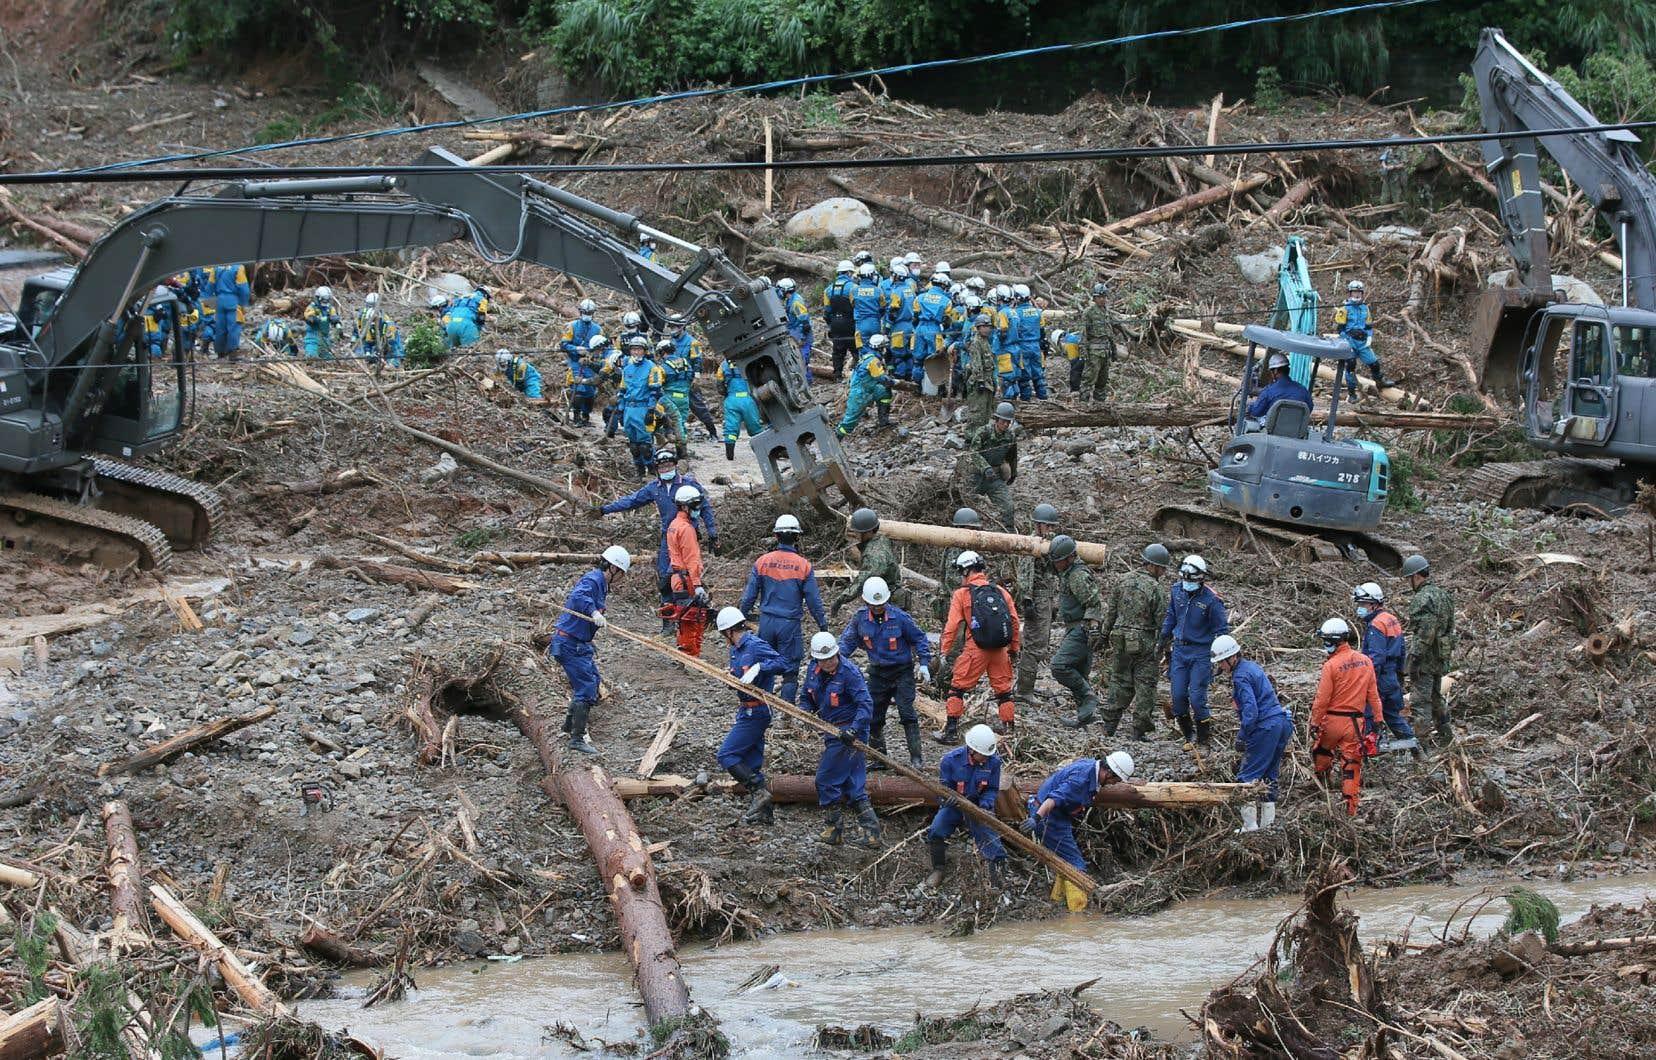 La saison des pluies bat son plein au Japon, une période à hauts risques en matière d'inondations, coulées de boue et glissements de terrain.